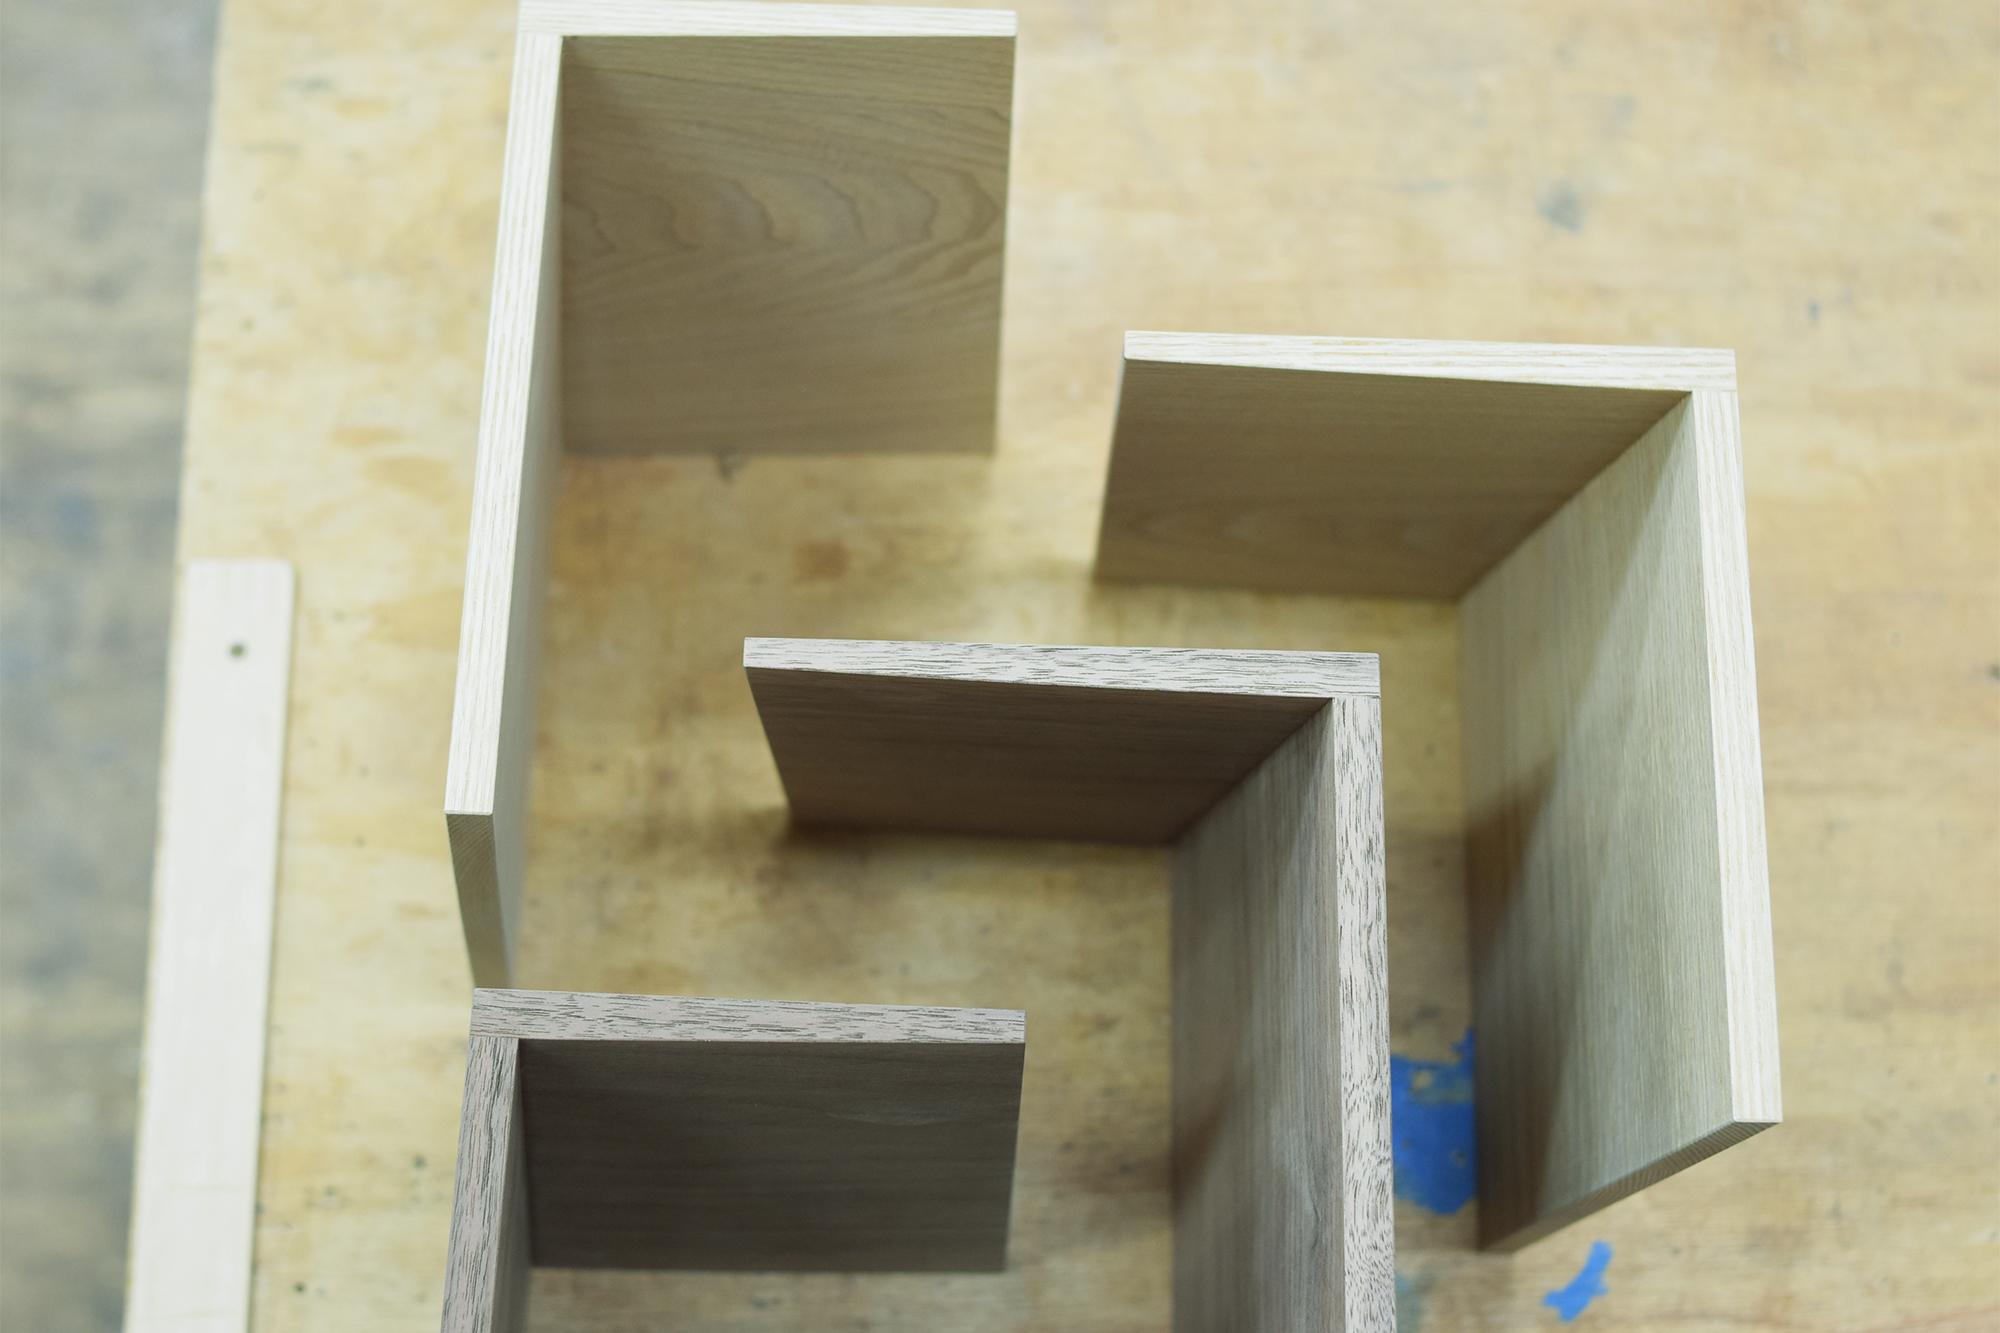 A4シェルフ shelf 壁掛け 棚 ウォールシェルフ